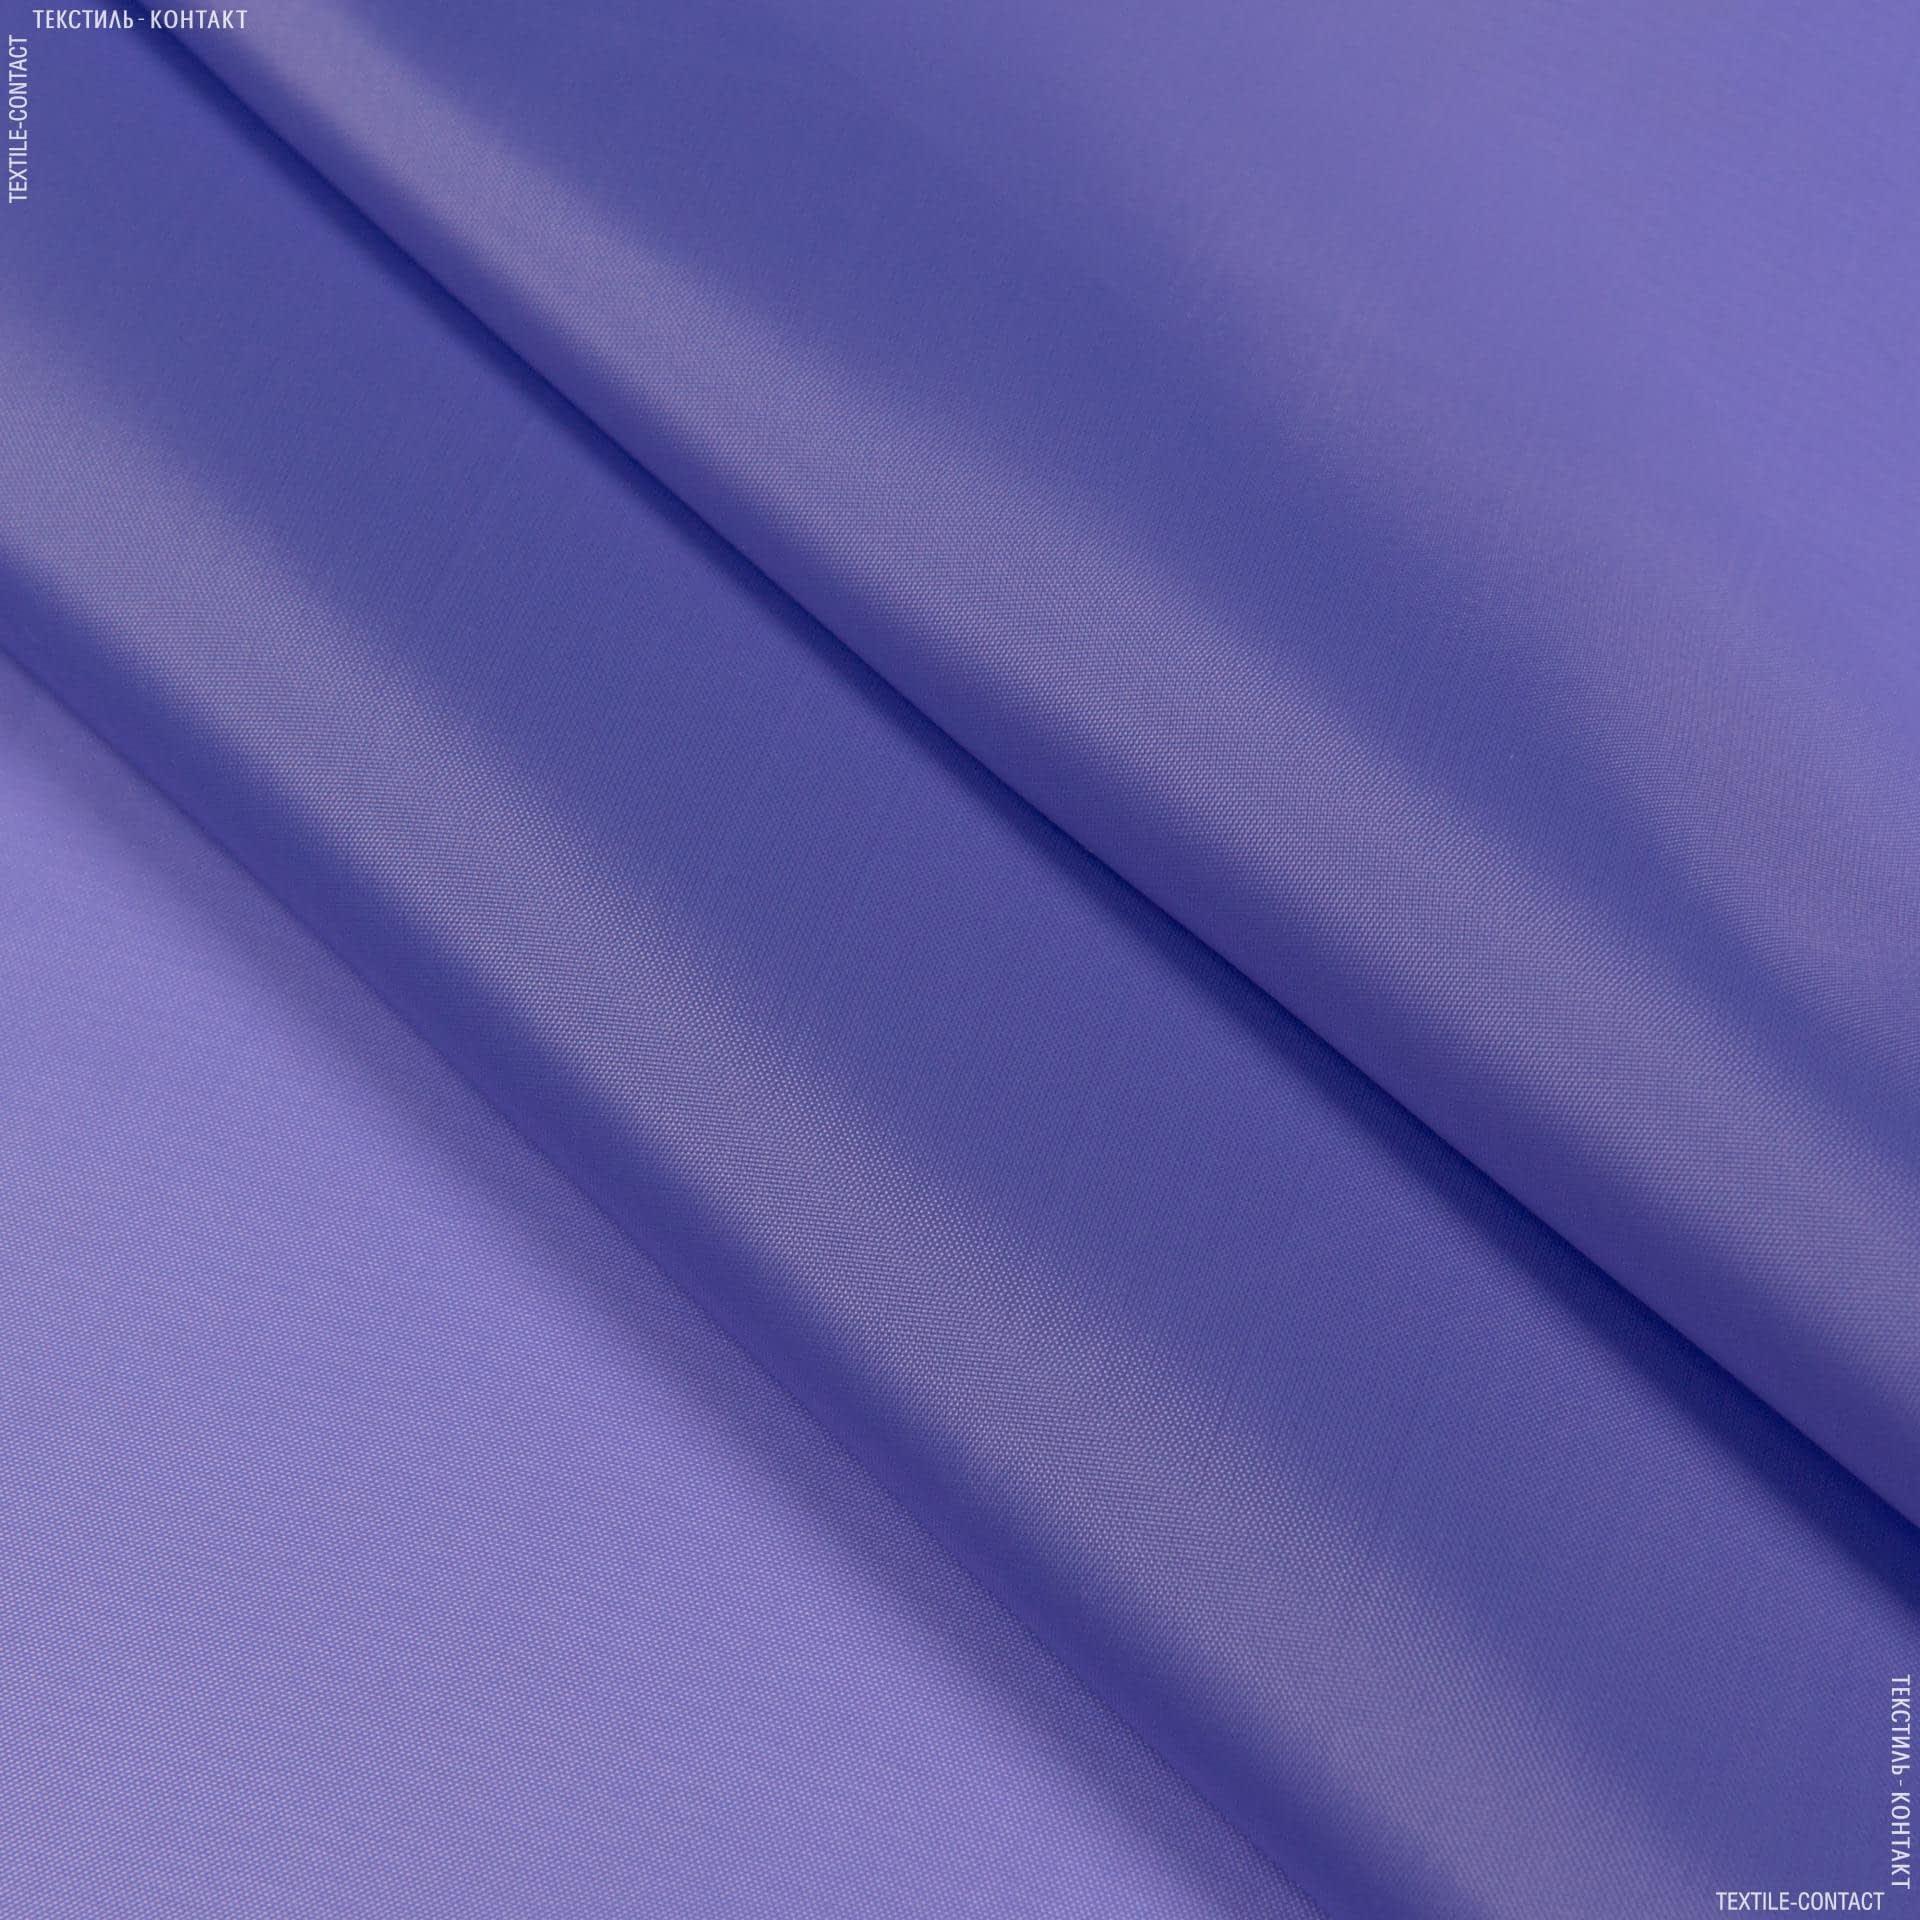 Ткани подкладочная ткань - Подкладка 190 сиреневый